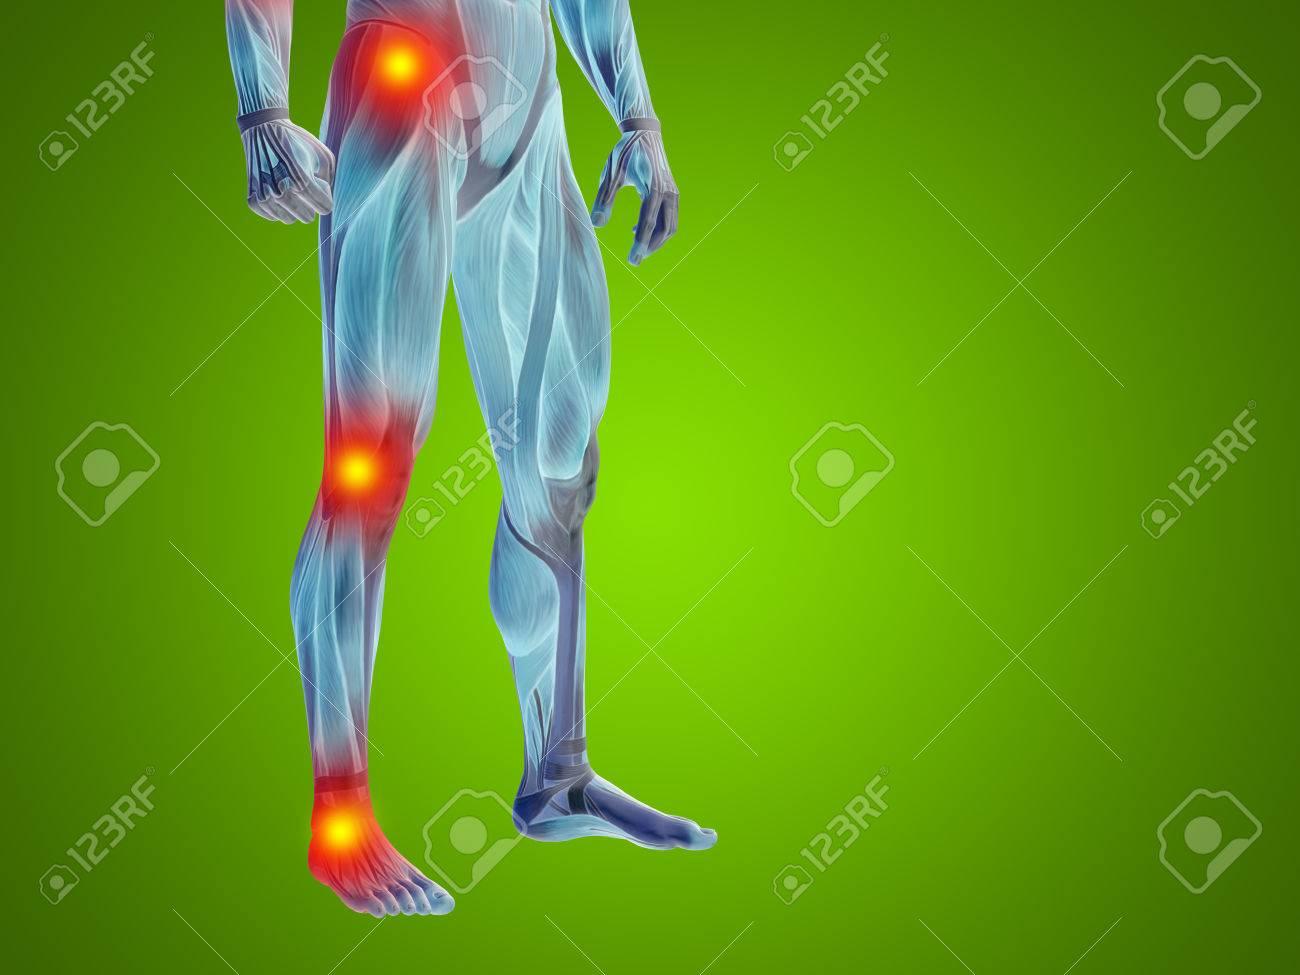 Tolle Bild Von Gelenken Des Menschlichen Körpers Bilder ...